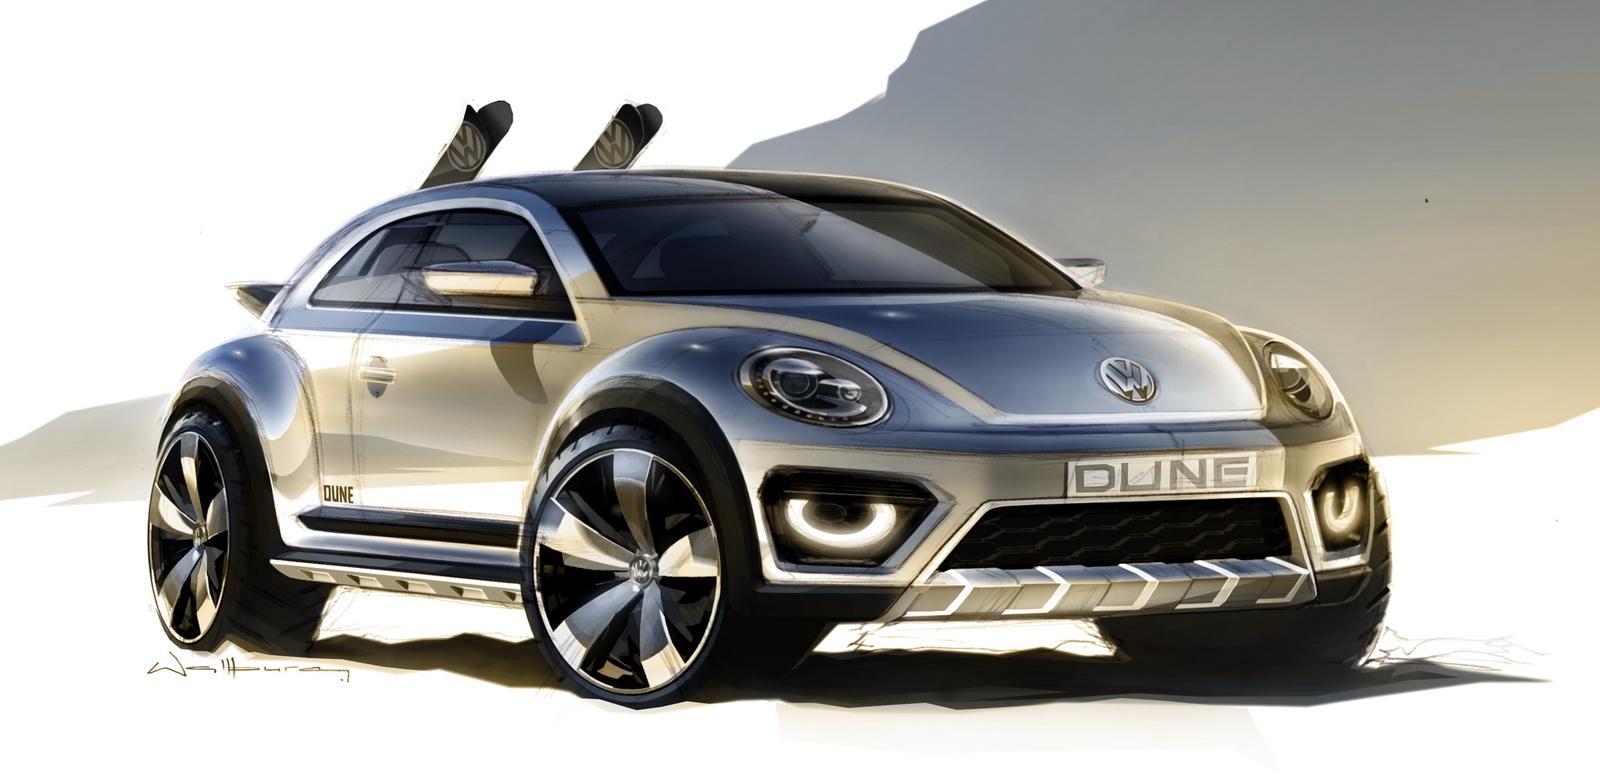 Volkswagen Beetle Dune (2014)